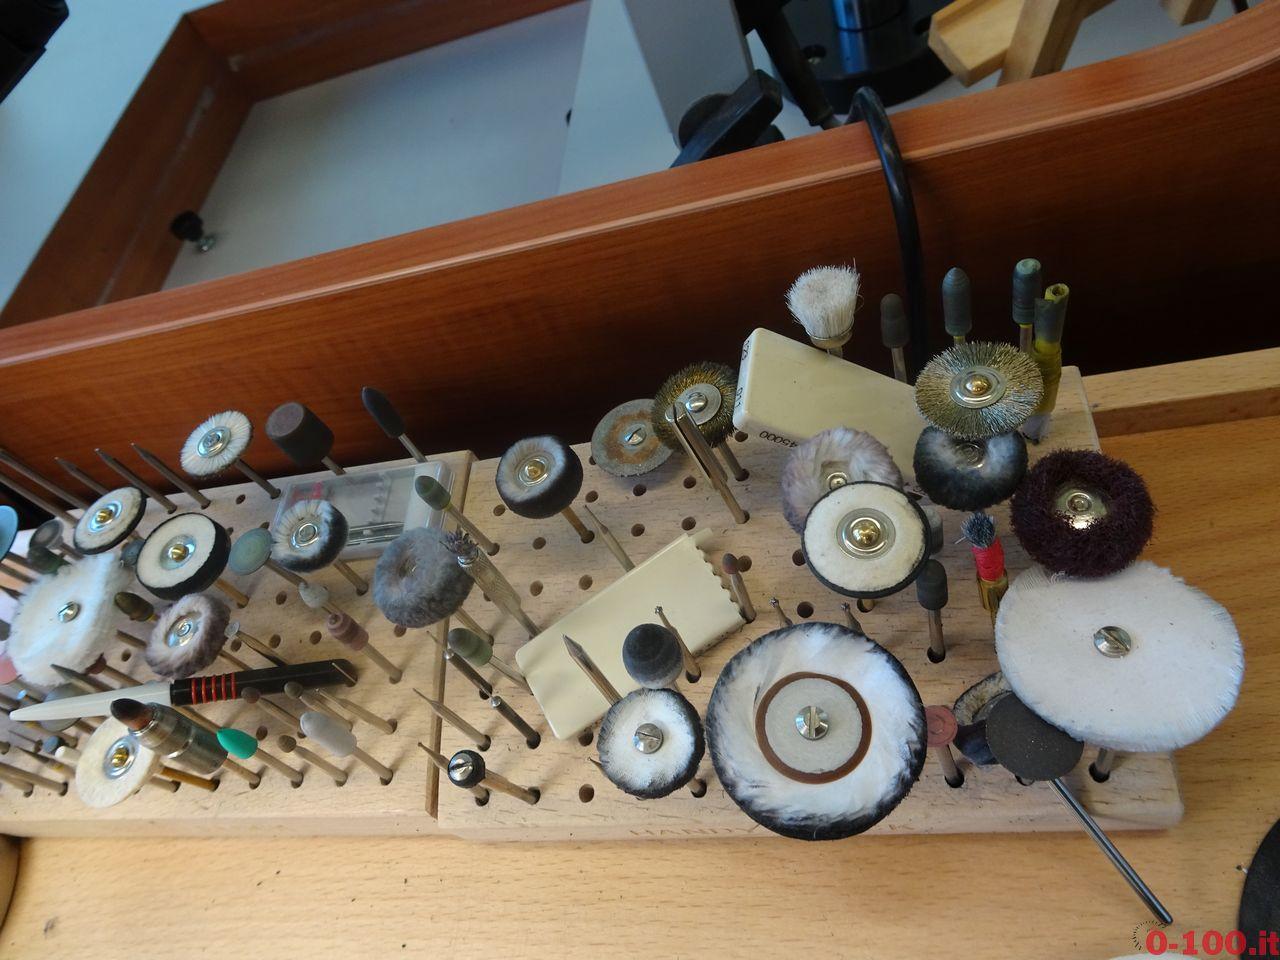 gli-speciali-di-0-100-it-jaquet-droz-les-ateliers-dart_0-10031